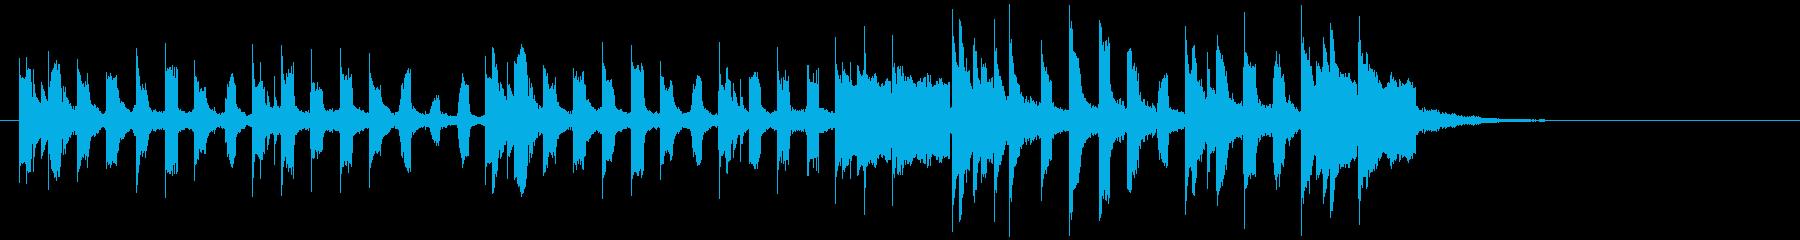 うきうき弾む楽しい鉄琴の再生済みの波形